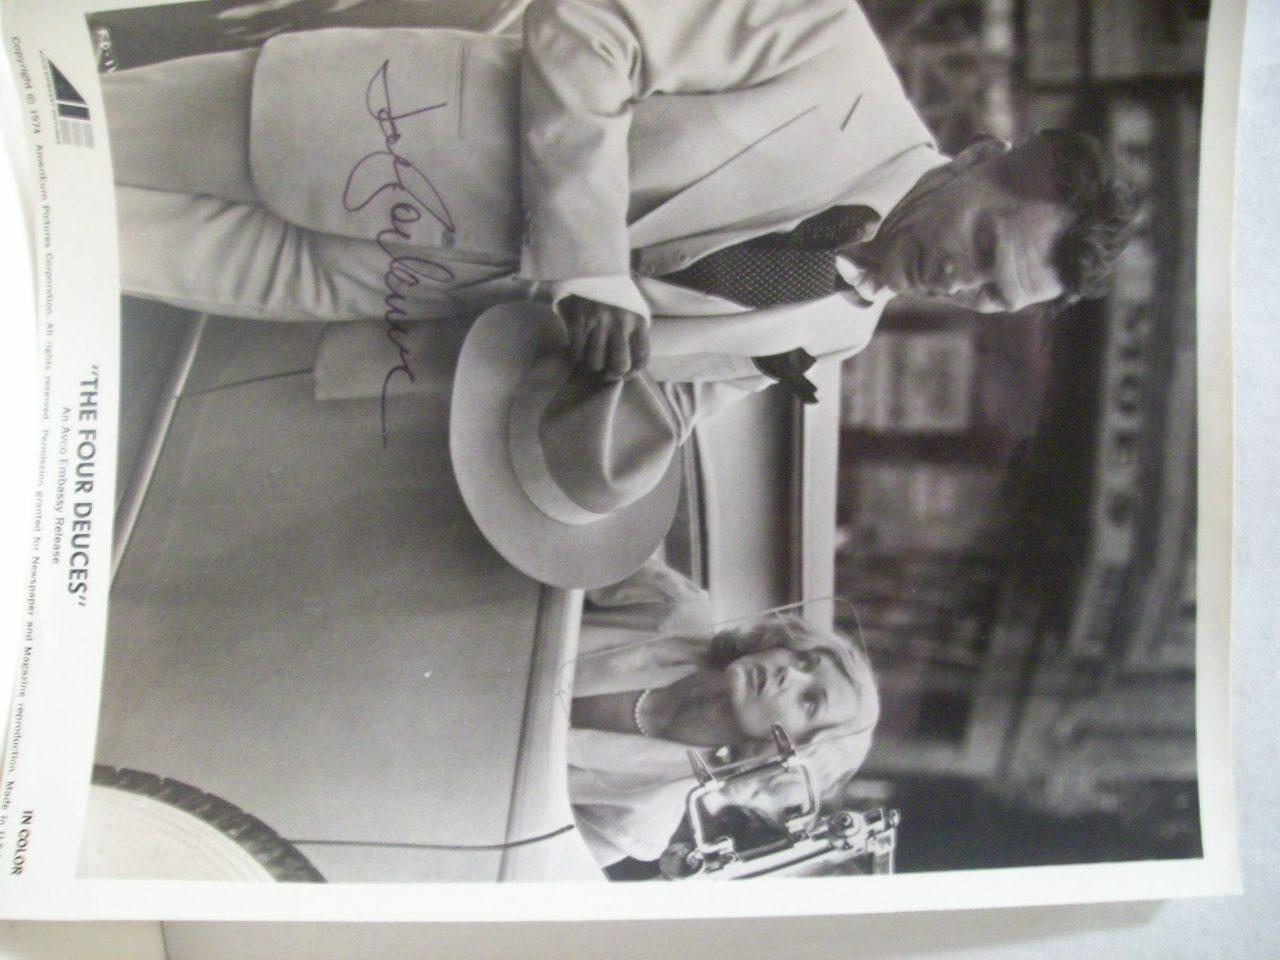 Palance, Jack Photo Signed Autograph The Four Deuces 1974